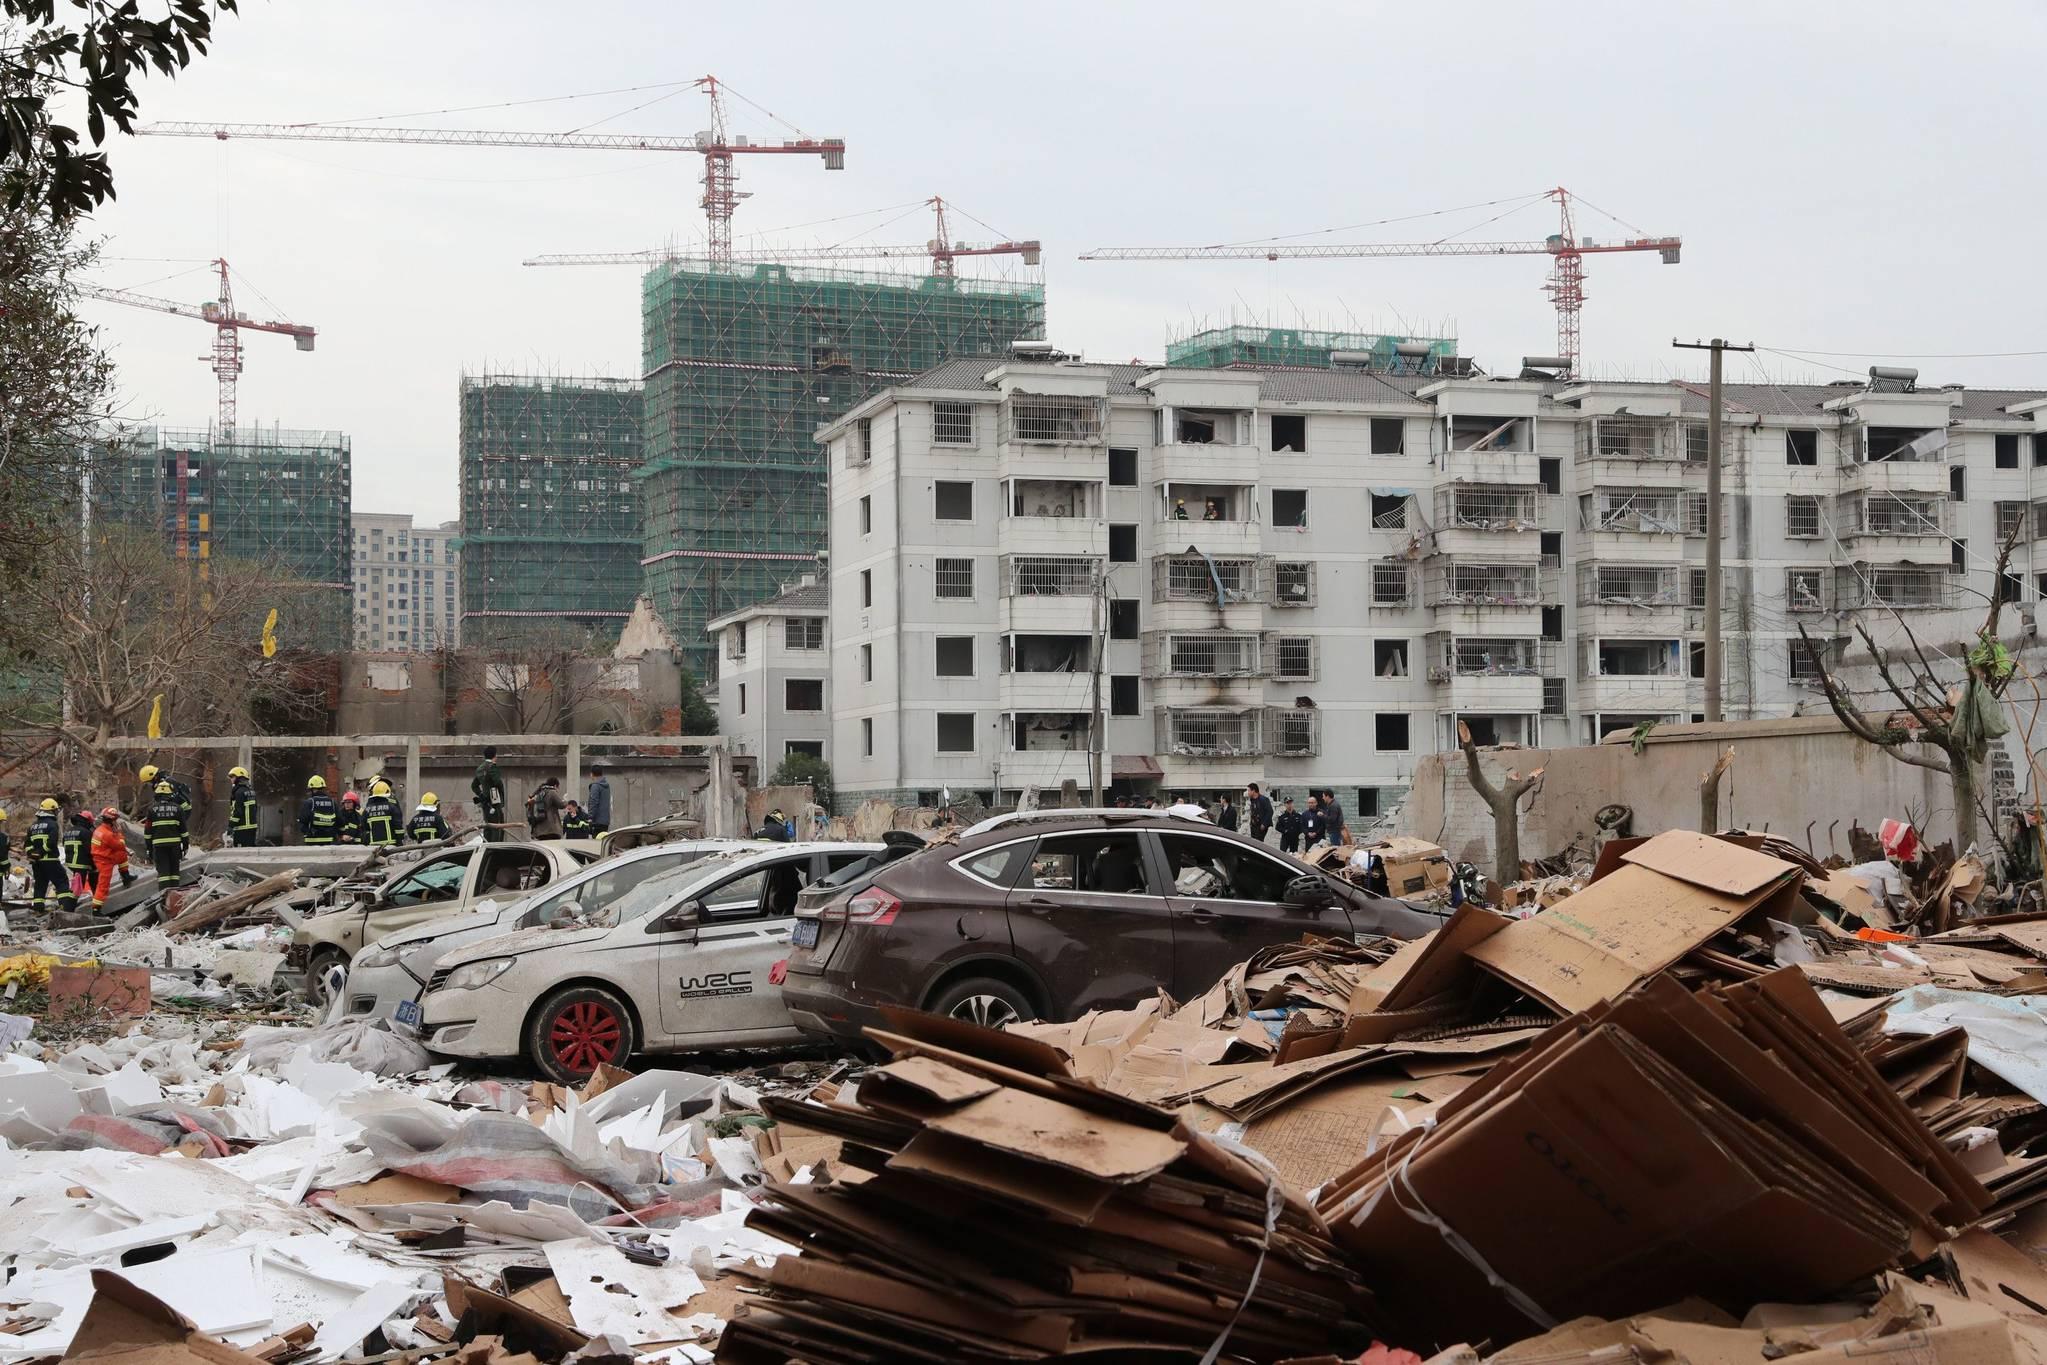 마치 지진피해가 난 듯 한 26일 중국 동부 저장성 닝보에서 발생한 폭발사고 현장.[AFP=연합뉴스]